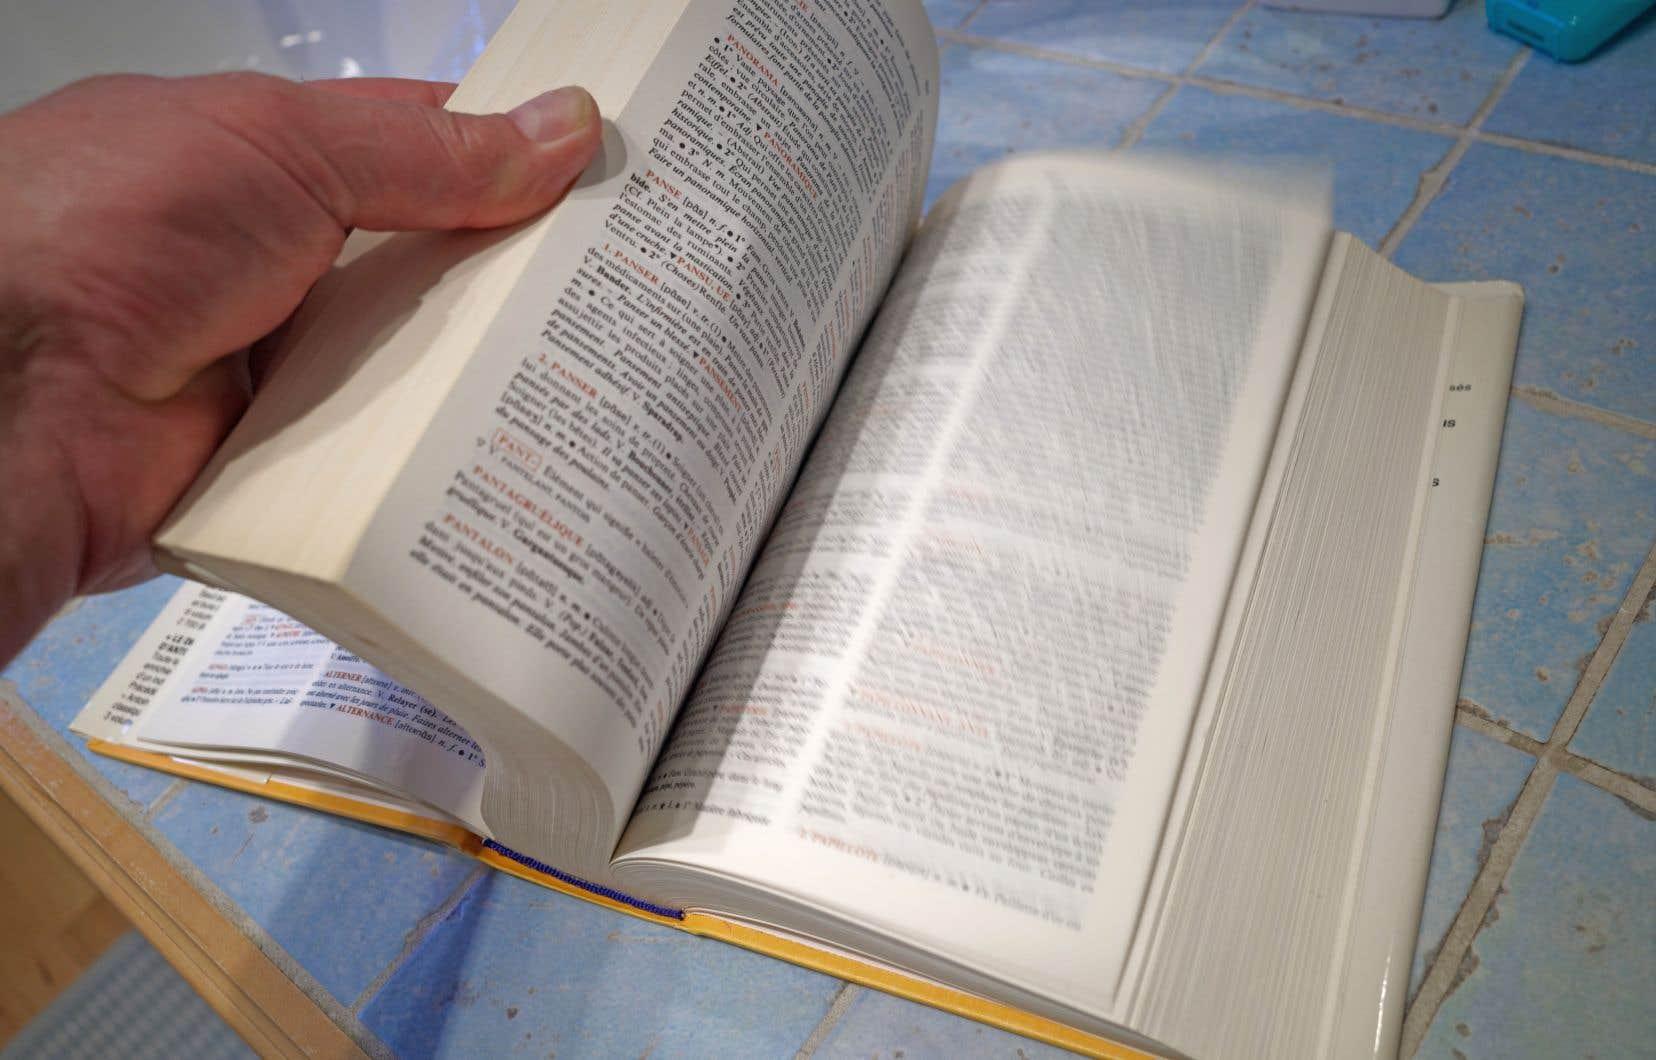 «Chaque dictionnaire a son propre rythme et son propre comité», dit Benoît Melançon pour expliquer les disparités entre Le Robert et Le Larousse par exemple.